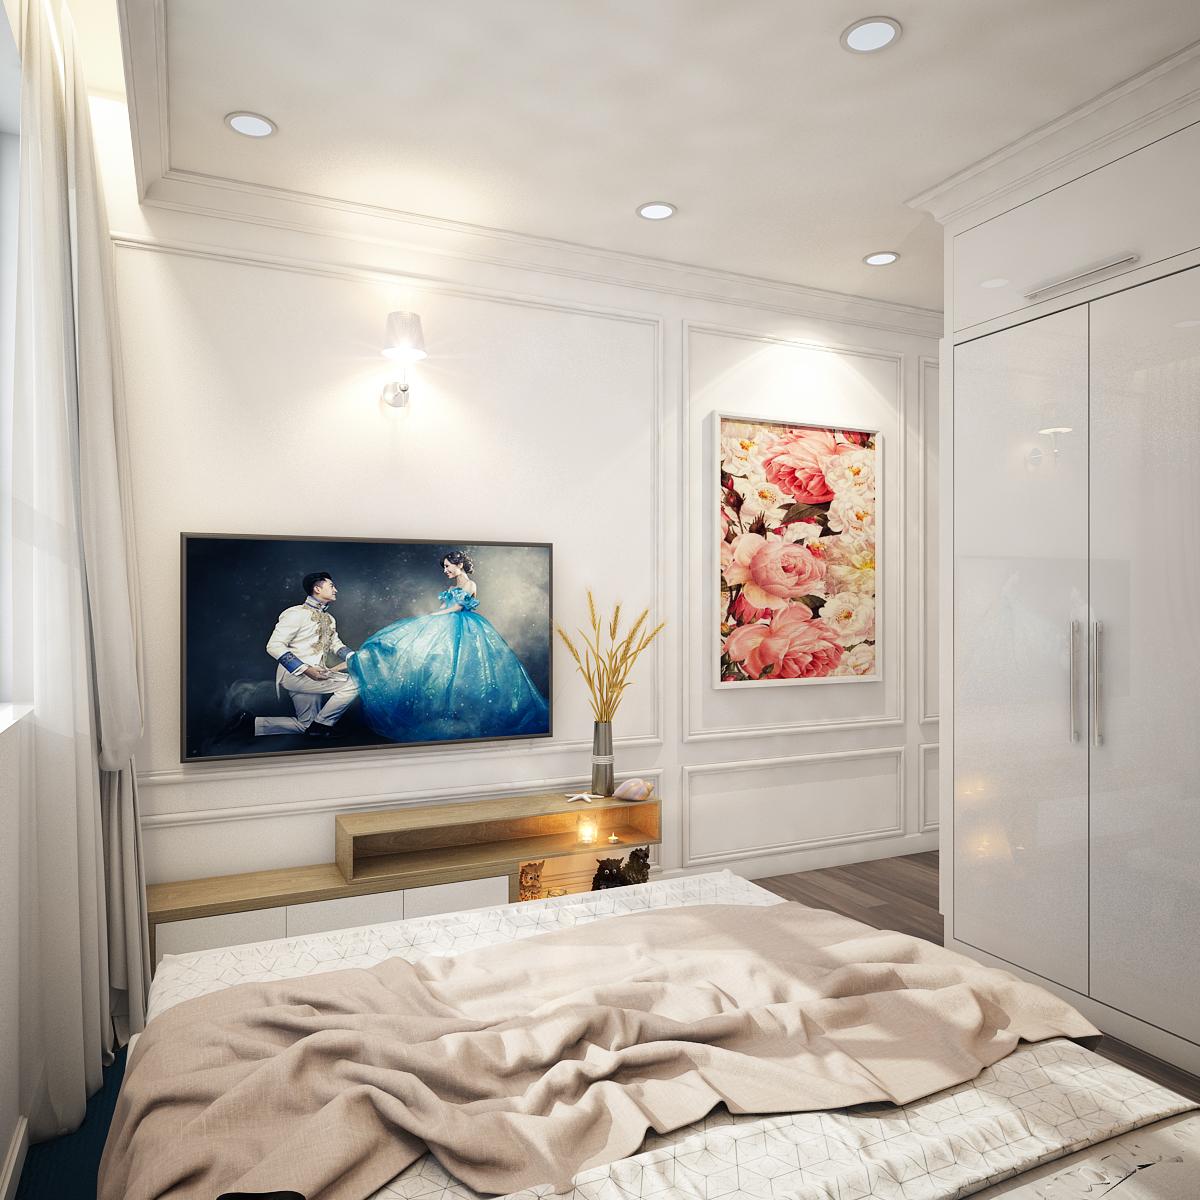 thiết kế nội thất chung cư tại Hồ Chí Minh Chị Ngọc_Goldview 5 1550734614